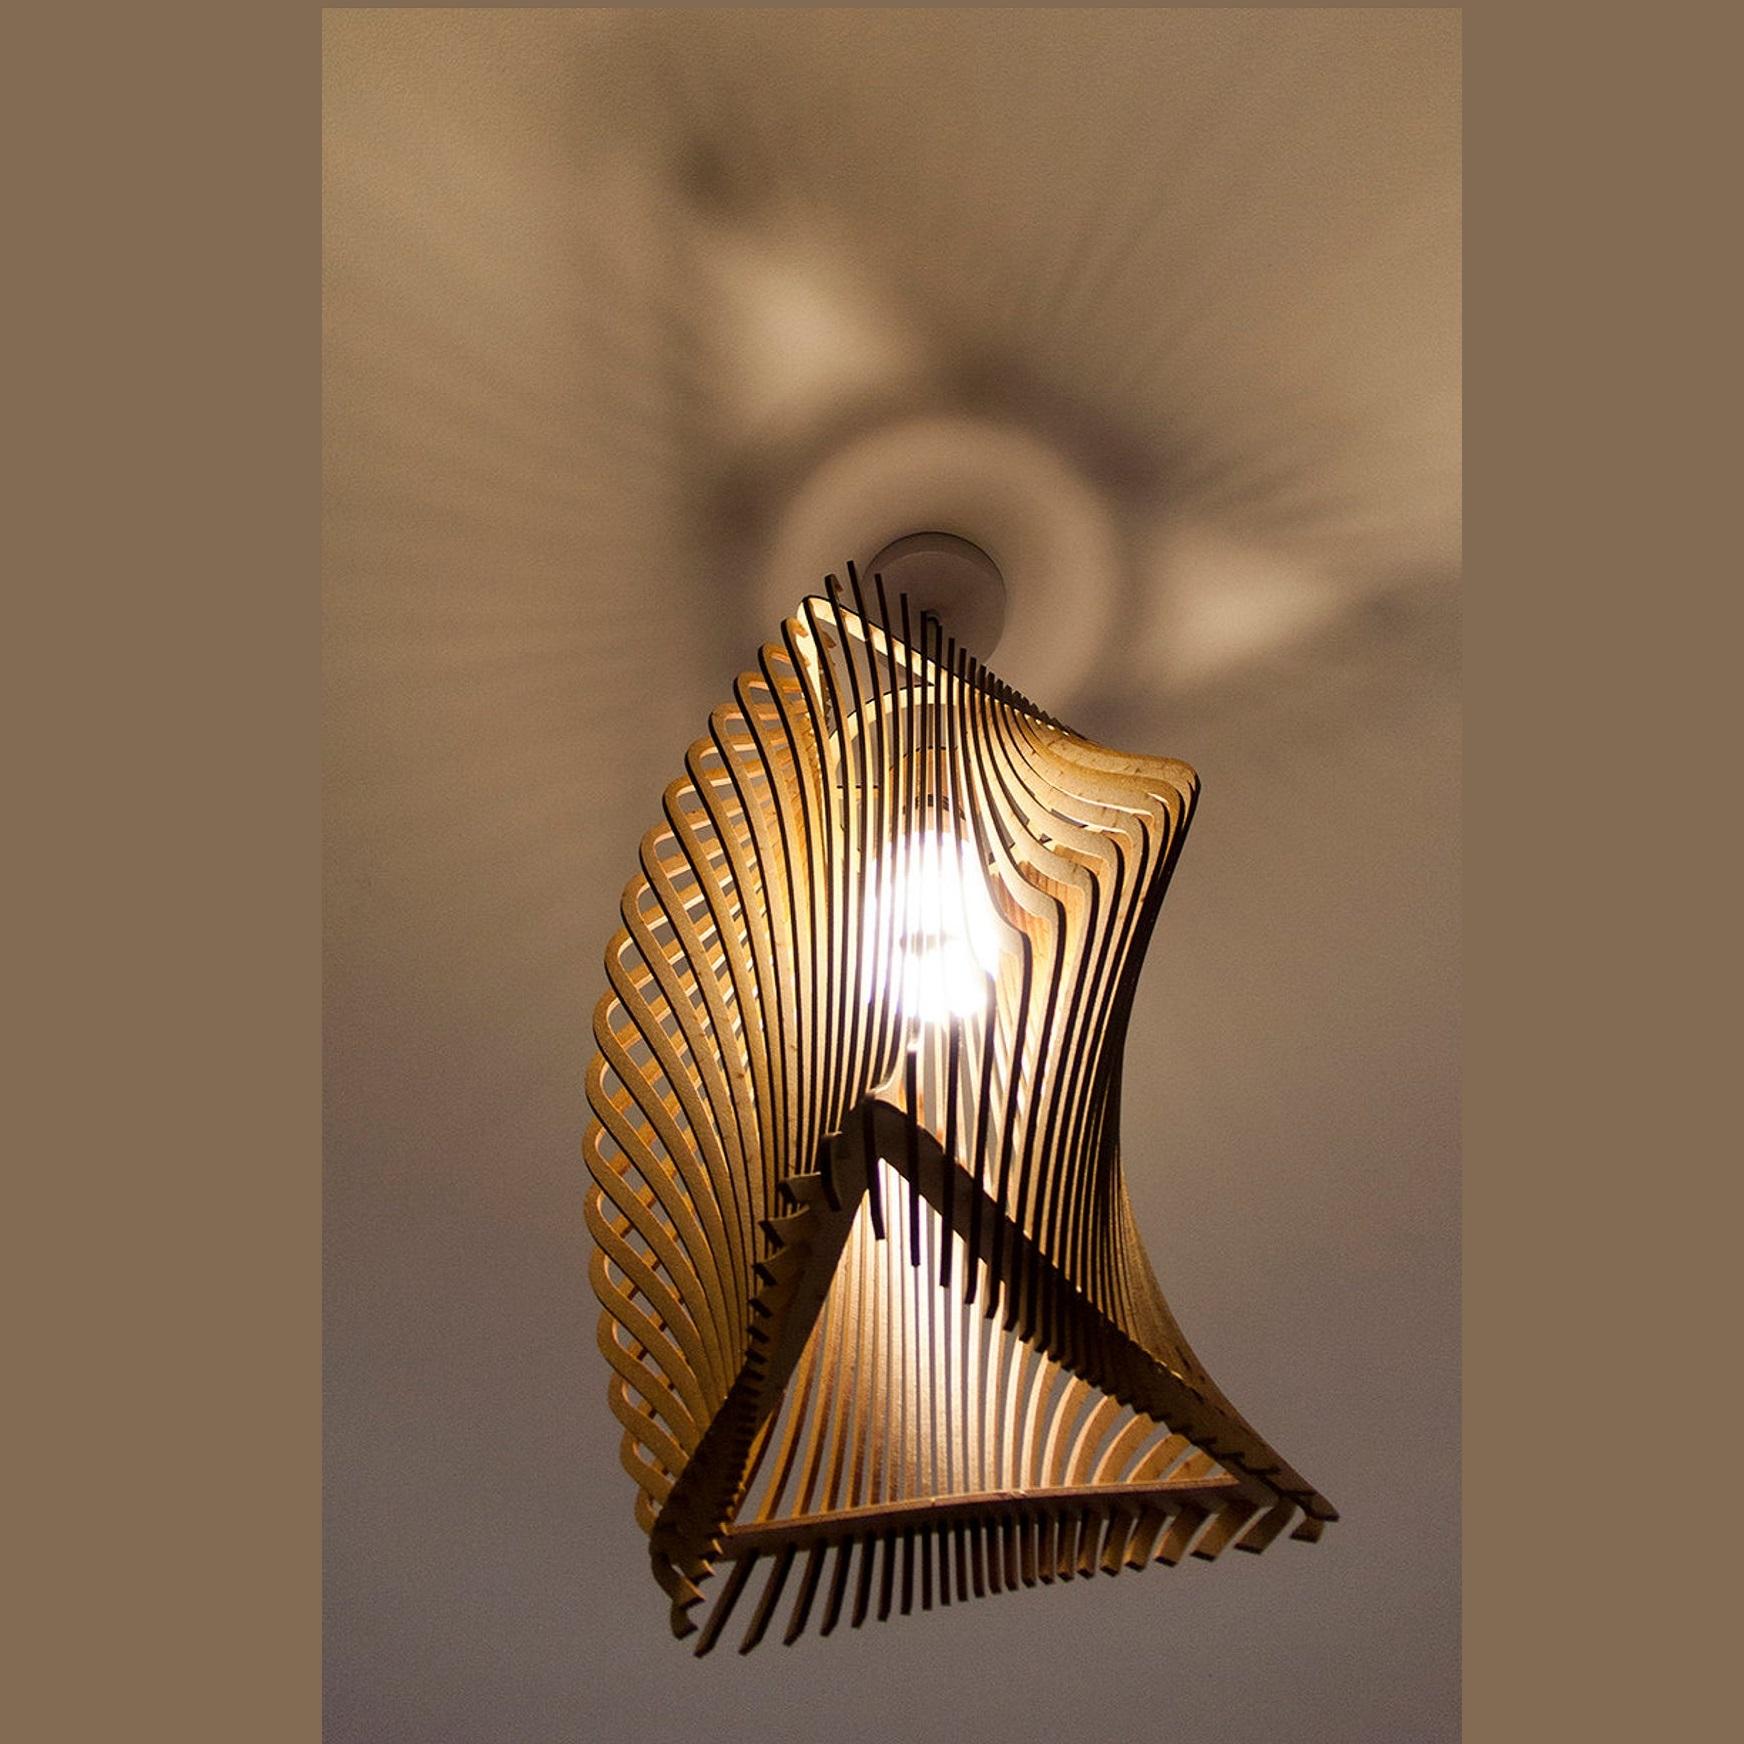 Đèn gỗ thả trần CAO CẤP hiện đại sang trọng chất liệu gỗ trang trí cho phòng khách nhà căn hộ decor nhà quán cafe